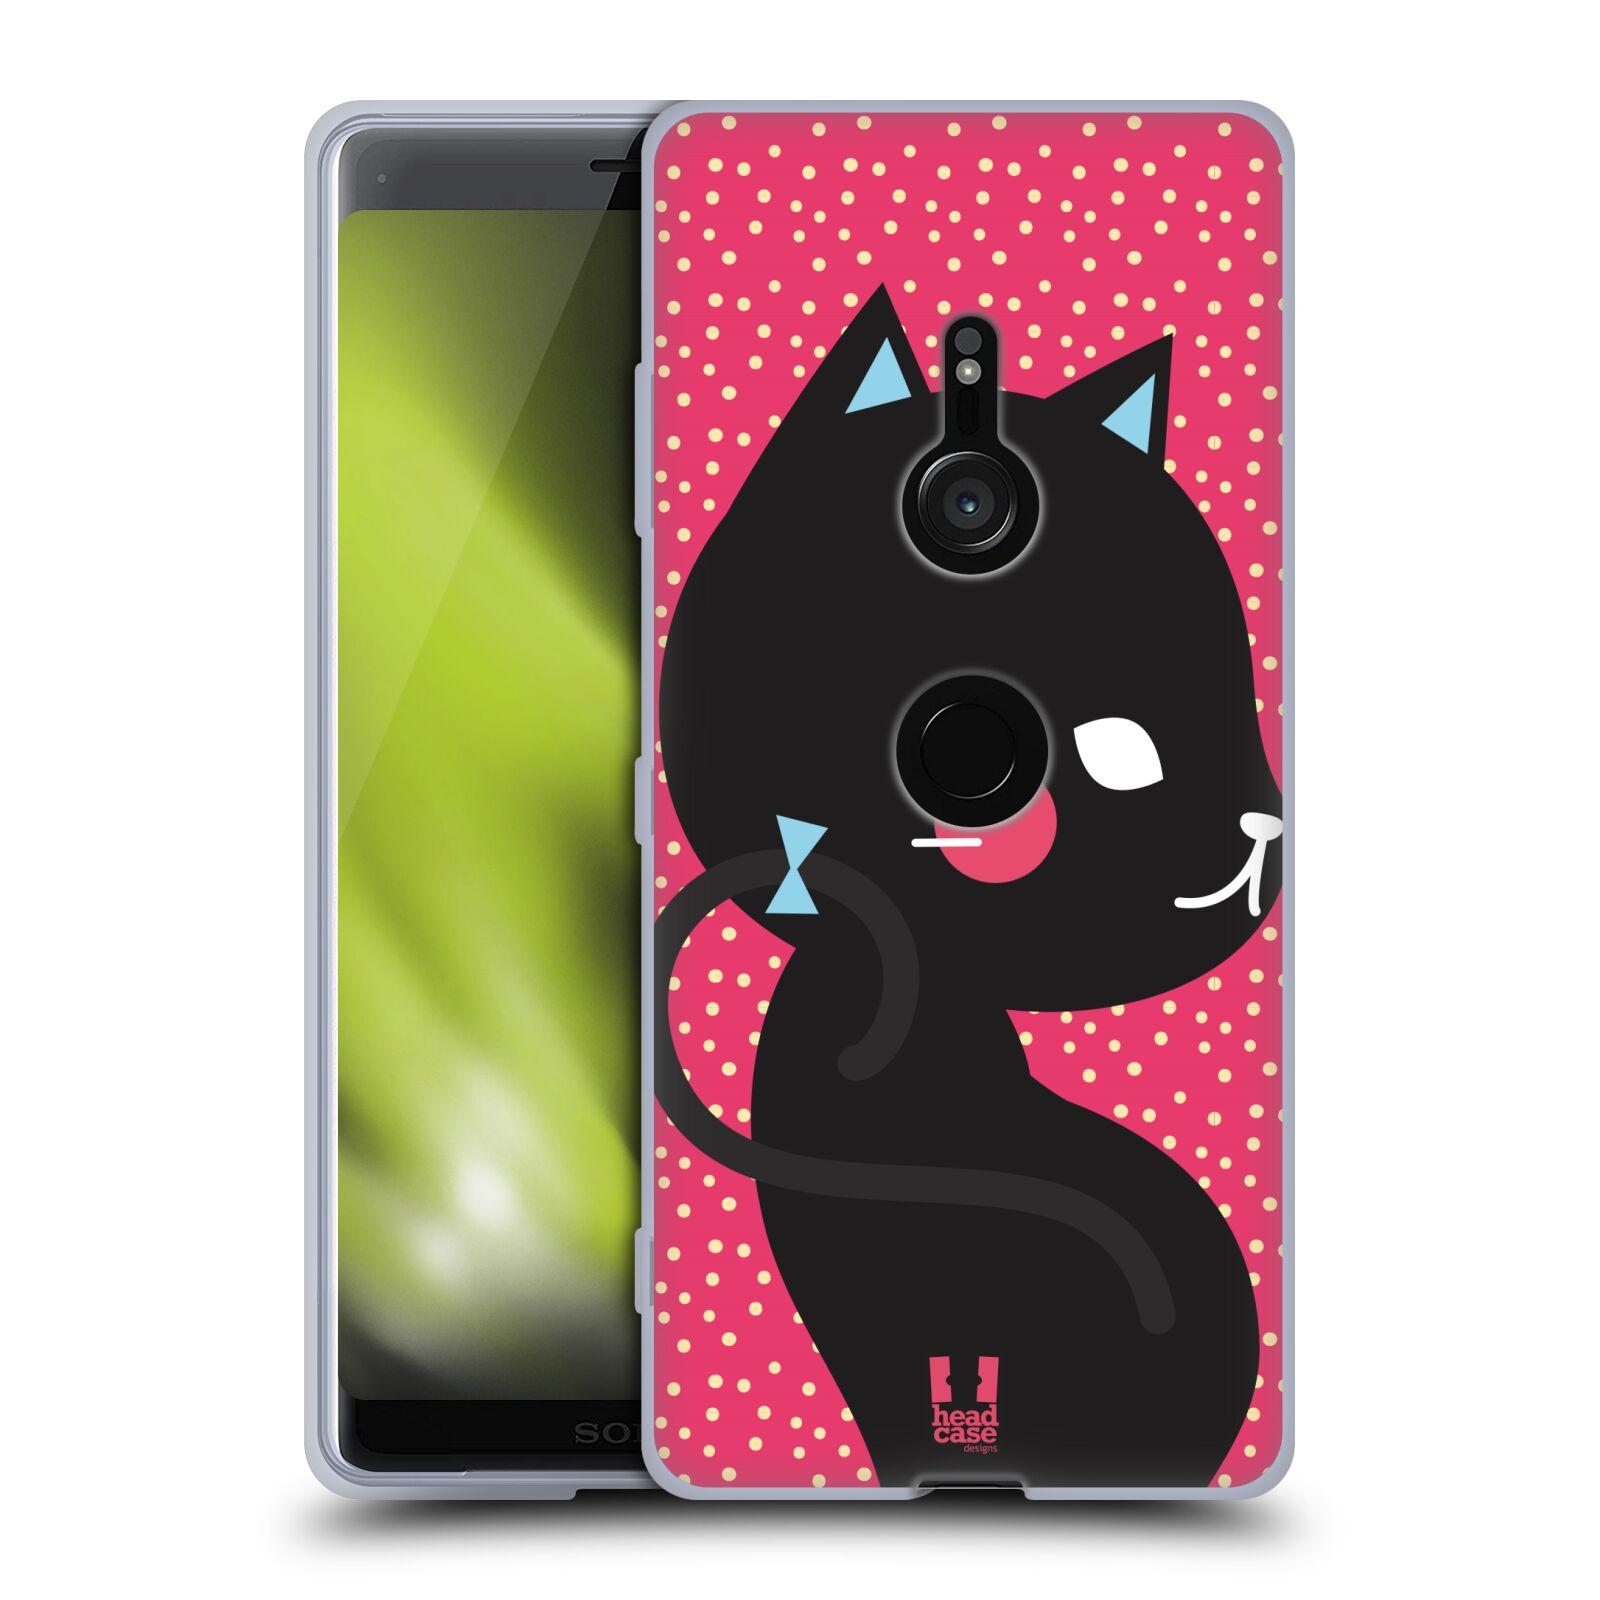 Silikonové pouzdro na mobil Sony Xperia XZ3 - Head Case - KOČIČKA Černá NA RŮŽOVÉ